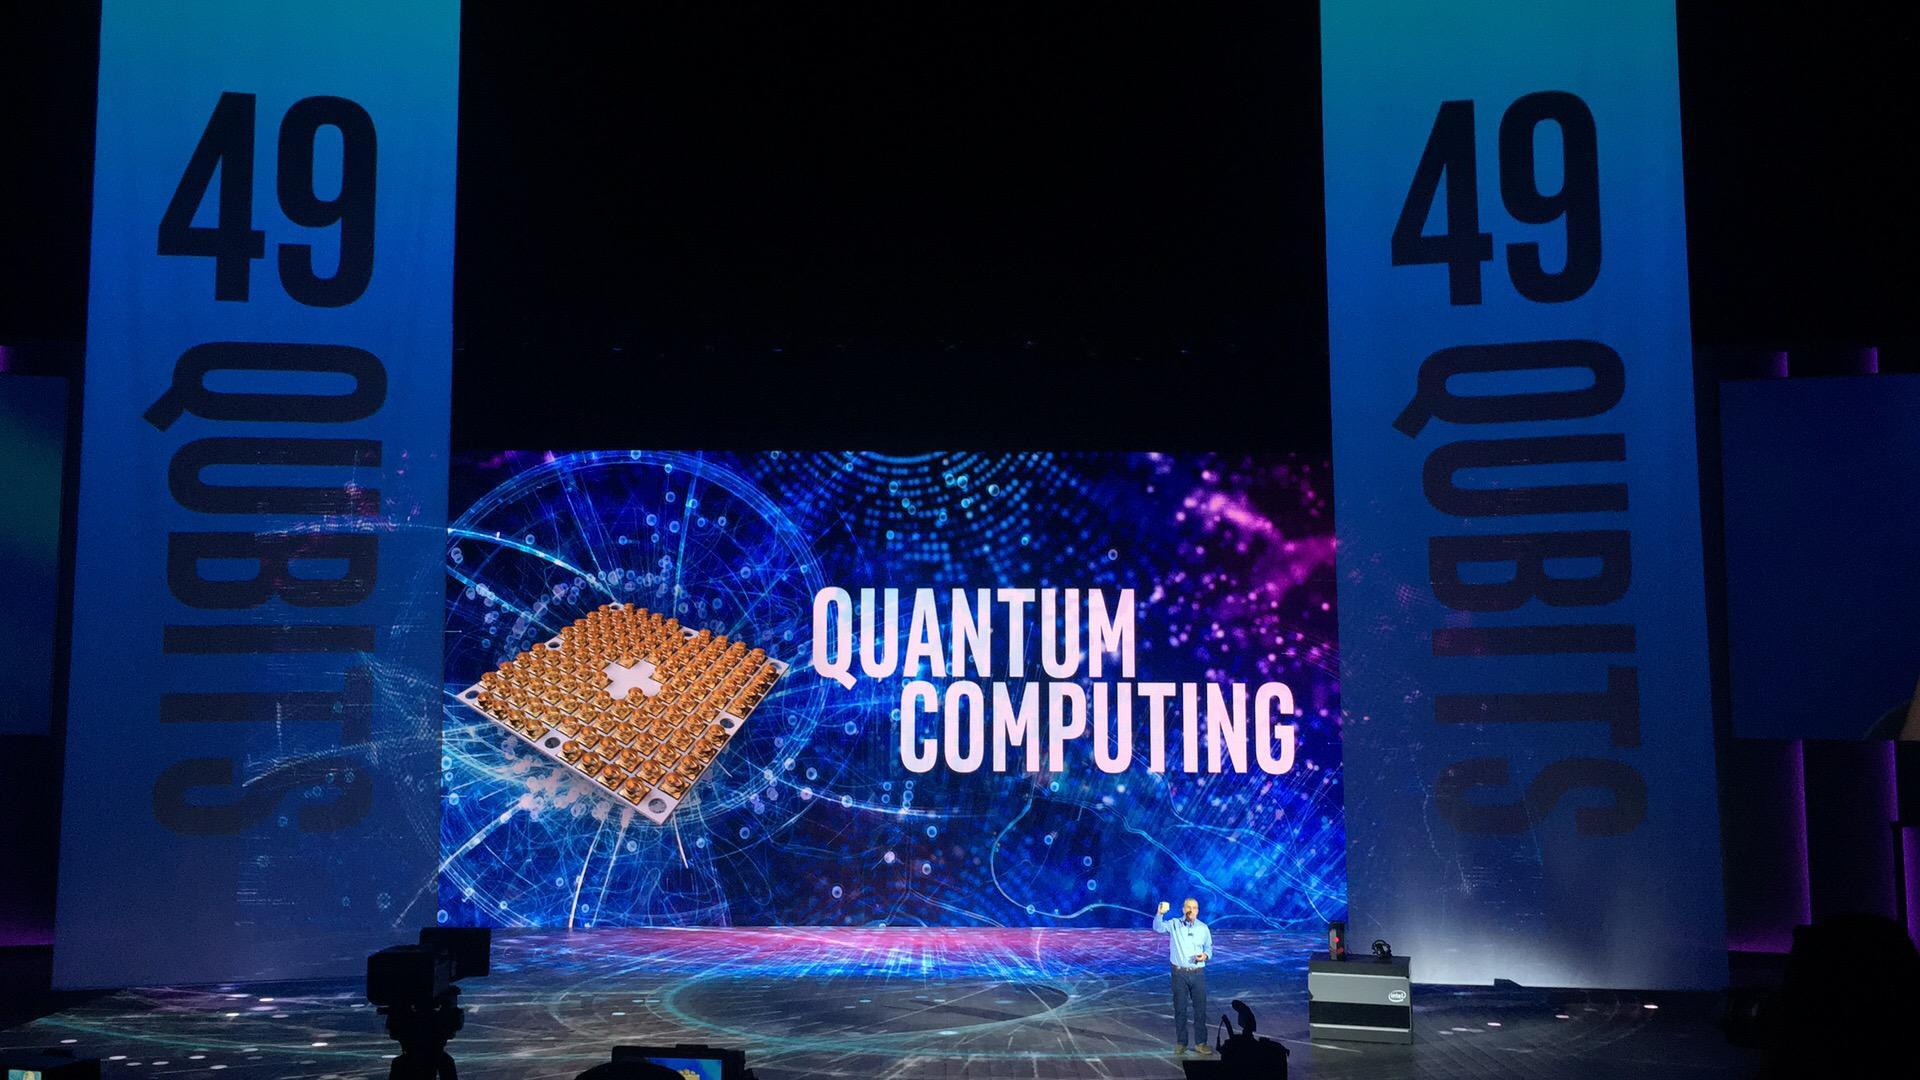 英特尔宣布交付首个49量子位量子计算测试芯片